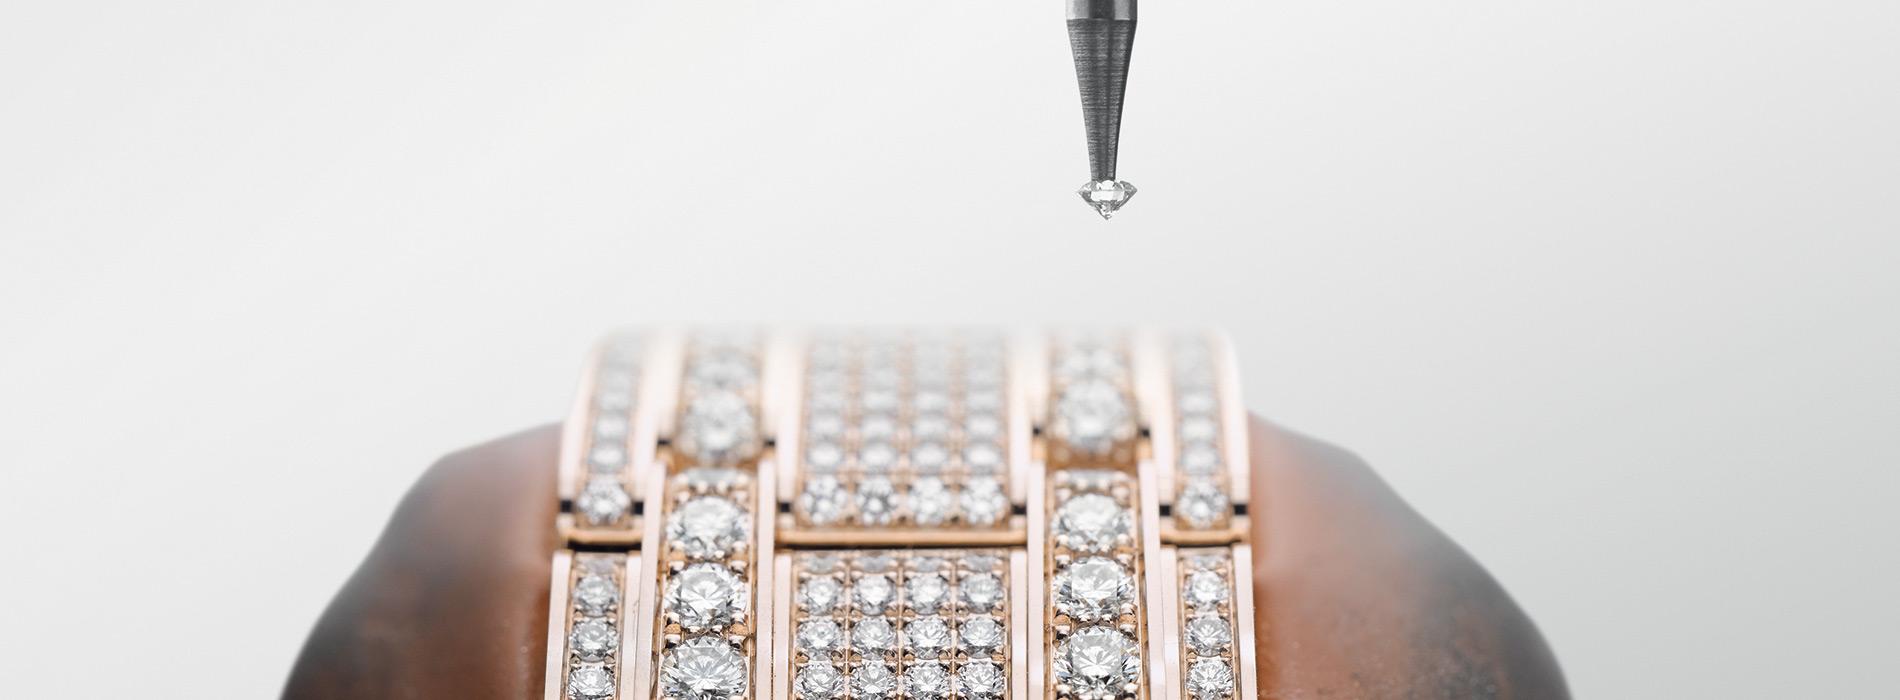 Rolex Gioielleria Rabino